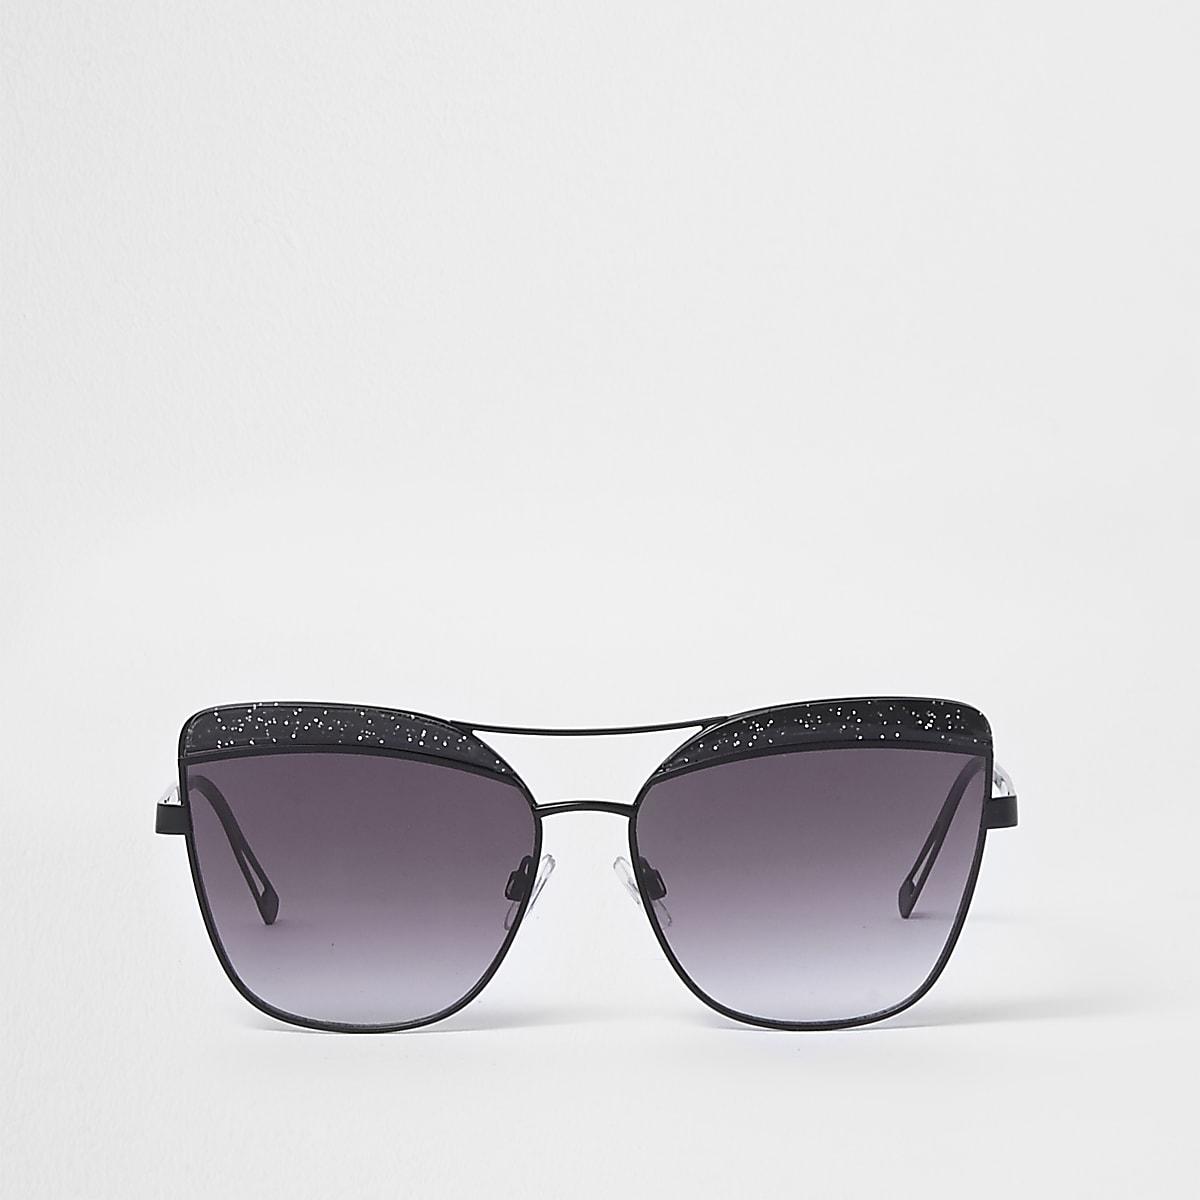 Schwarze Cateye-Sonnenbrille mit Glitzer